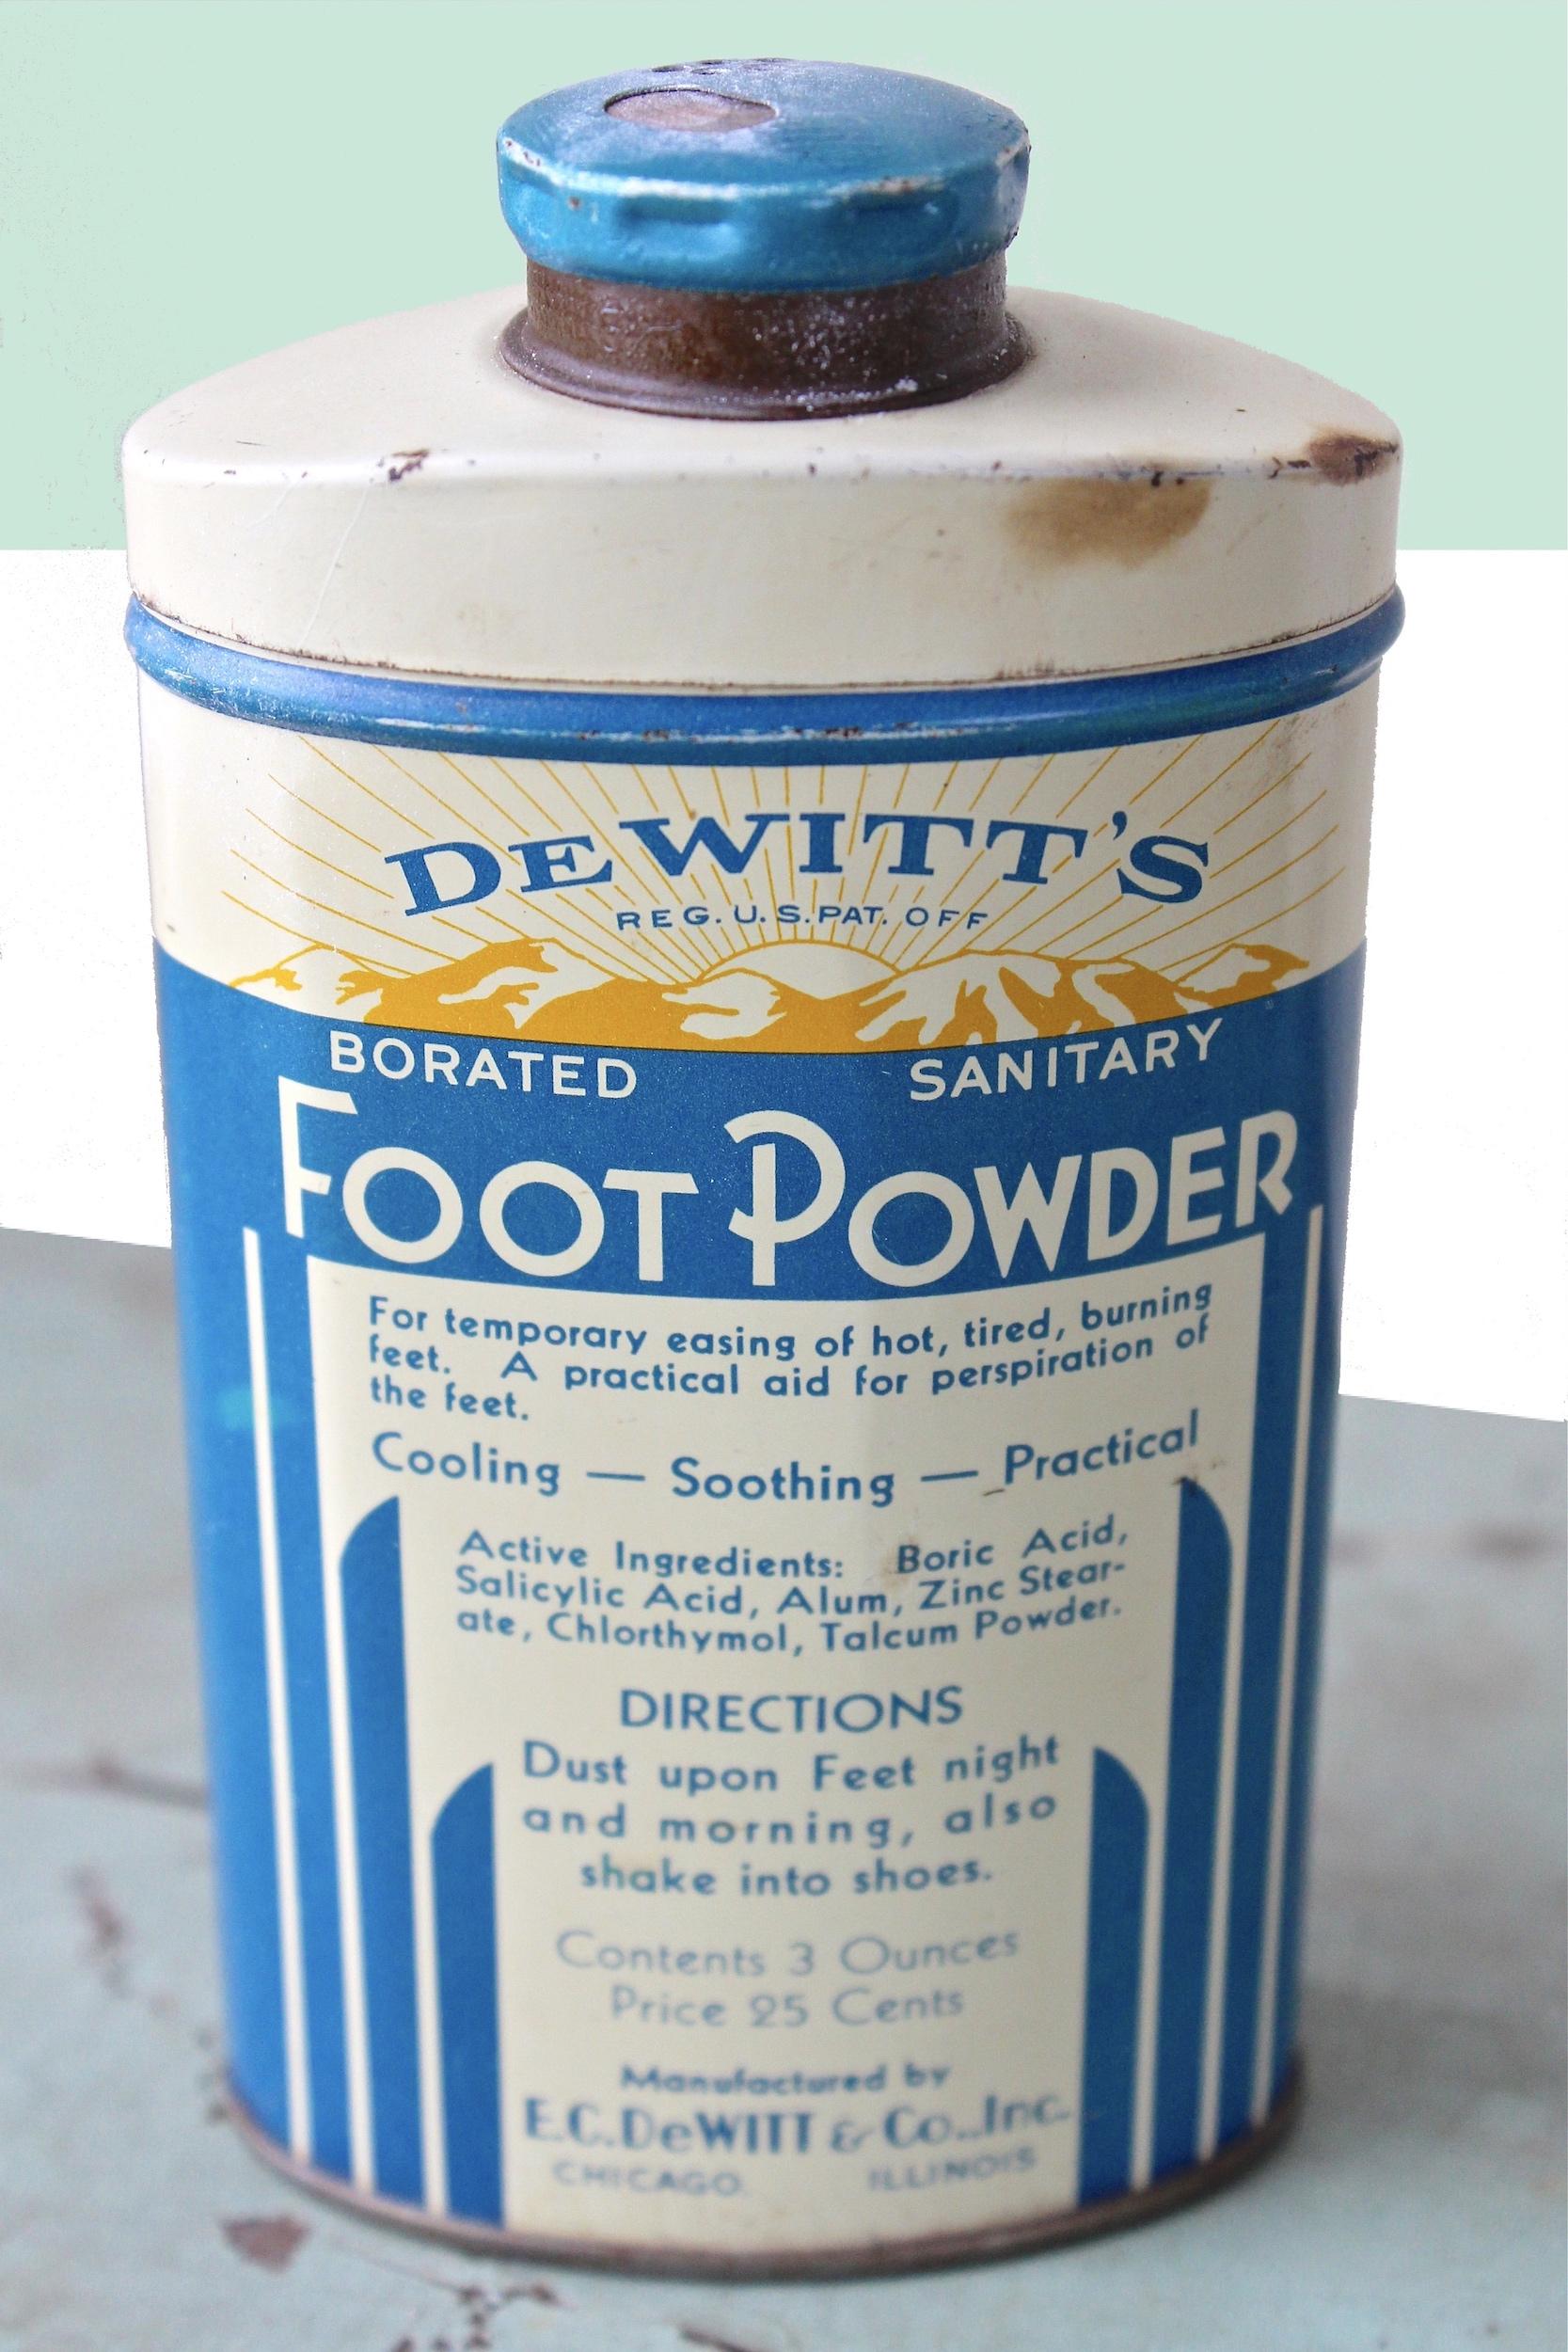 E.C. DeWitt & Co., est. 1886